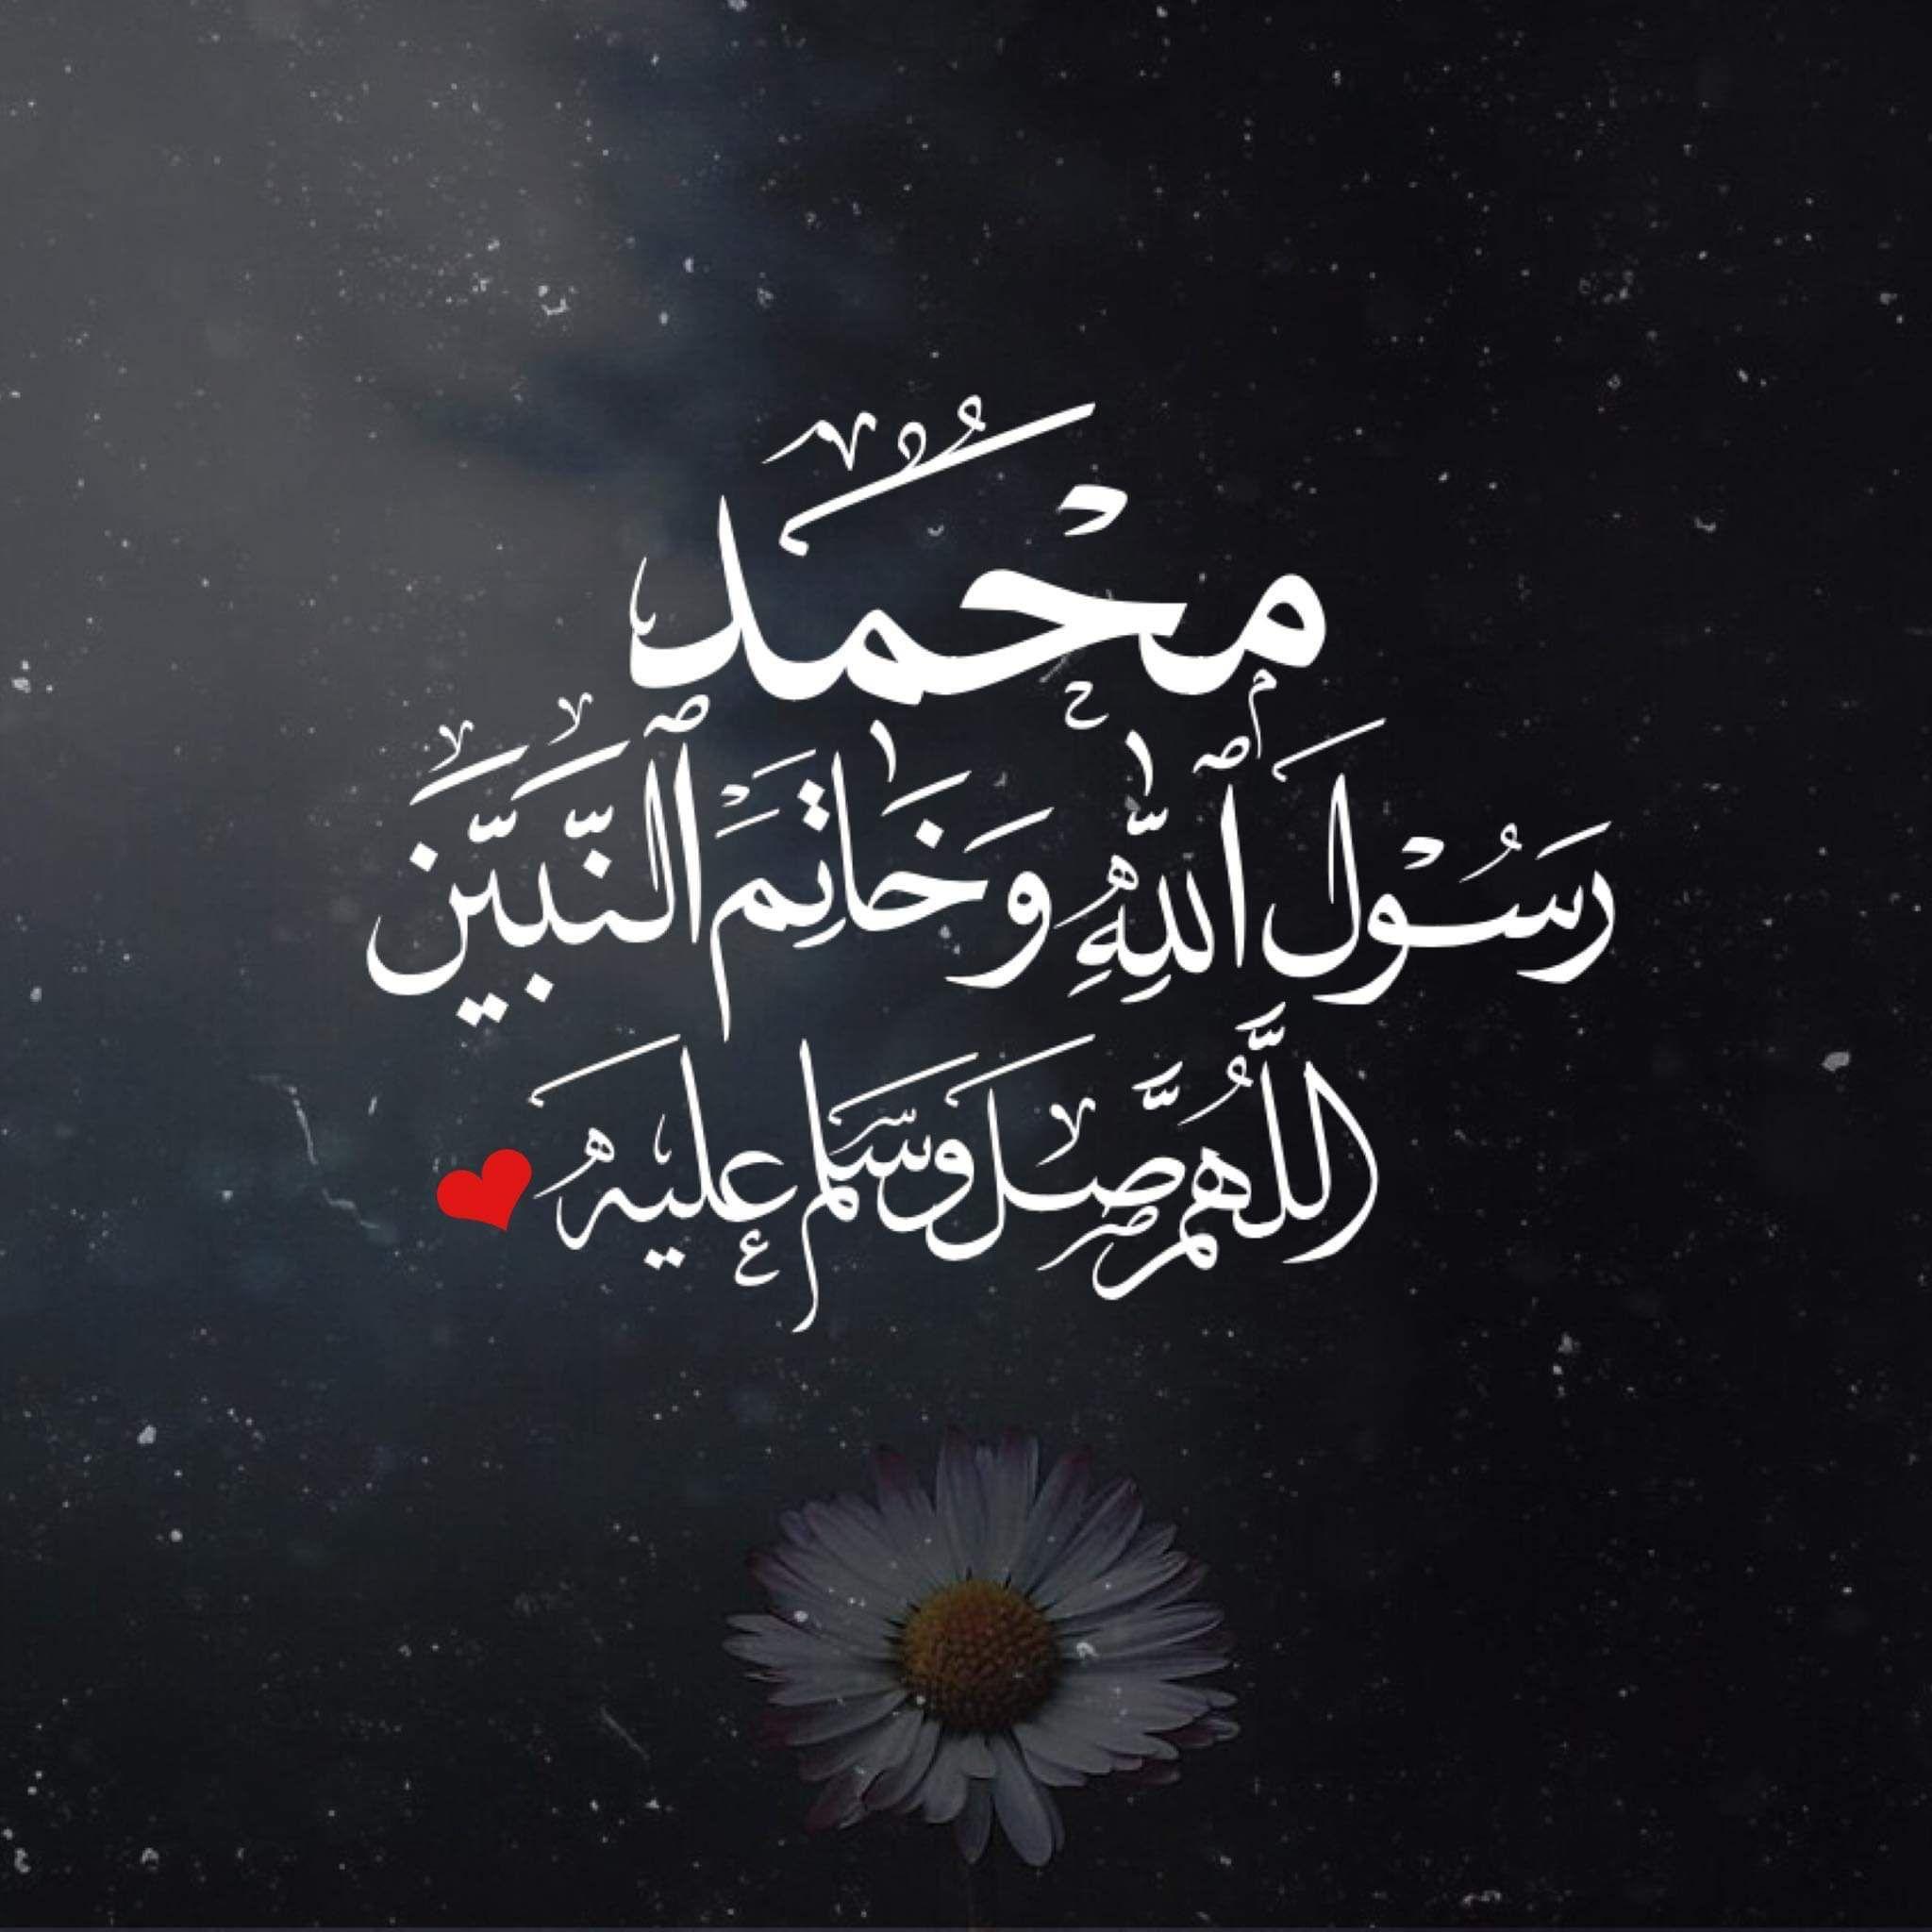 عبارات اسلامية مؤثرة Islamic Quotes Quran Arabic Islamic Images